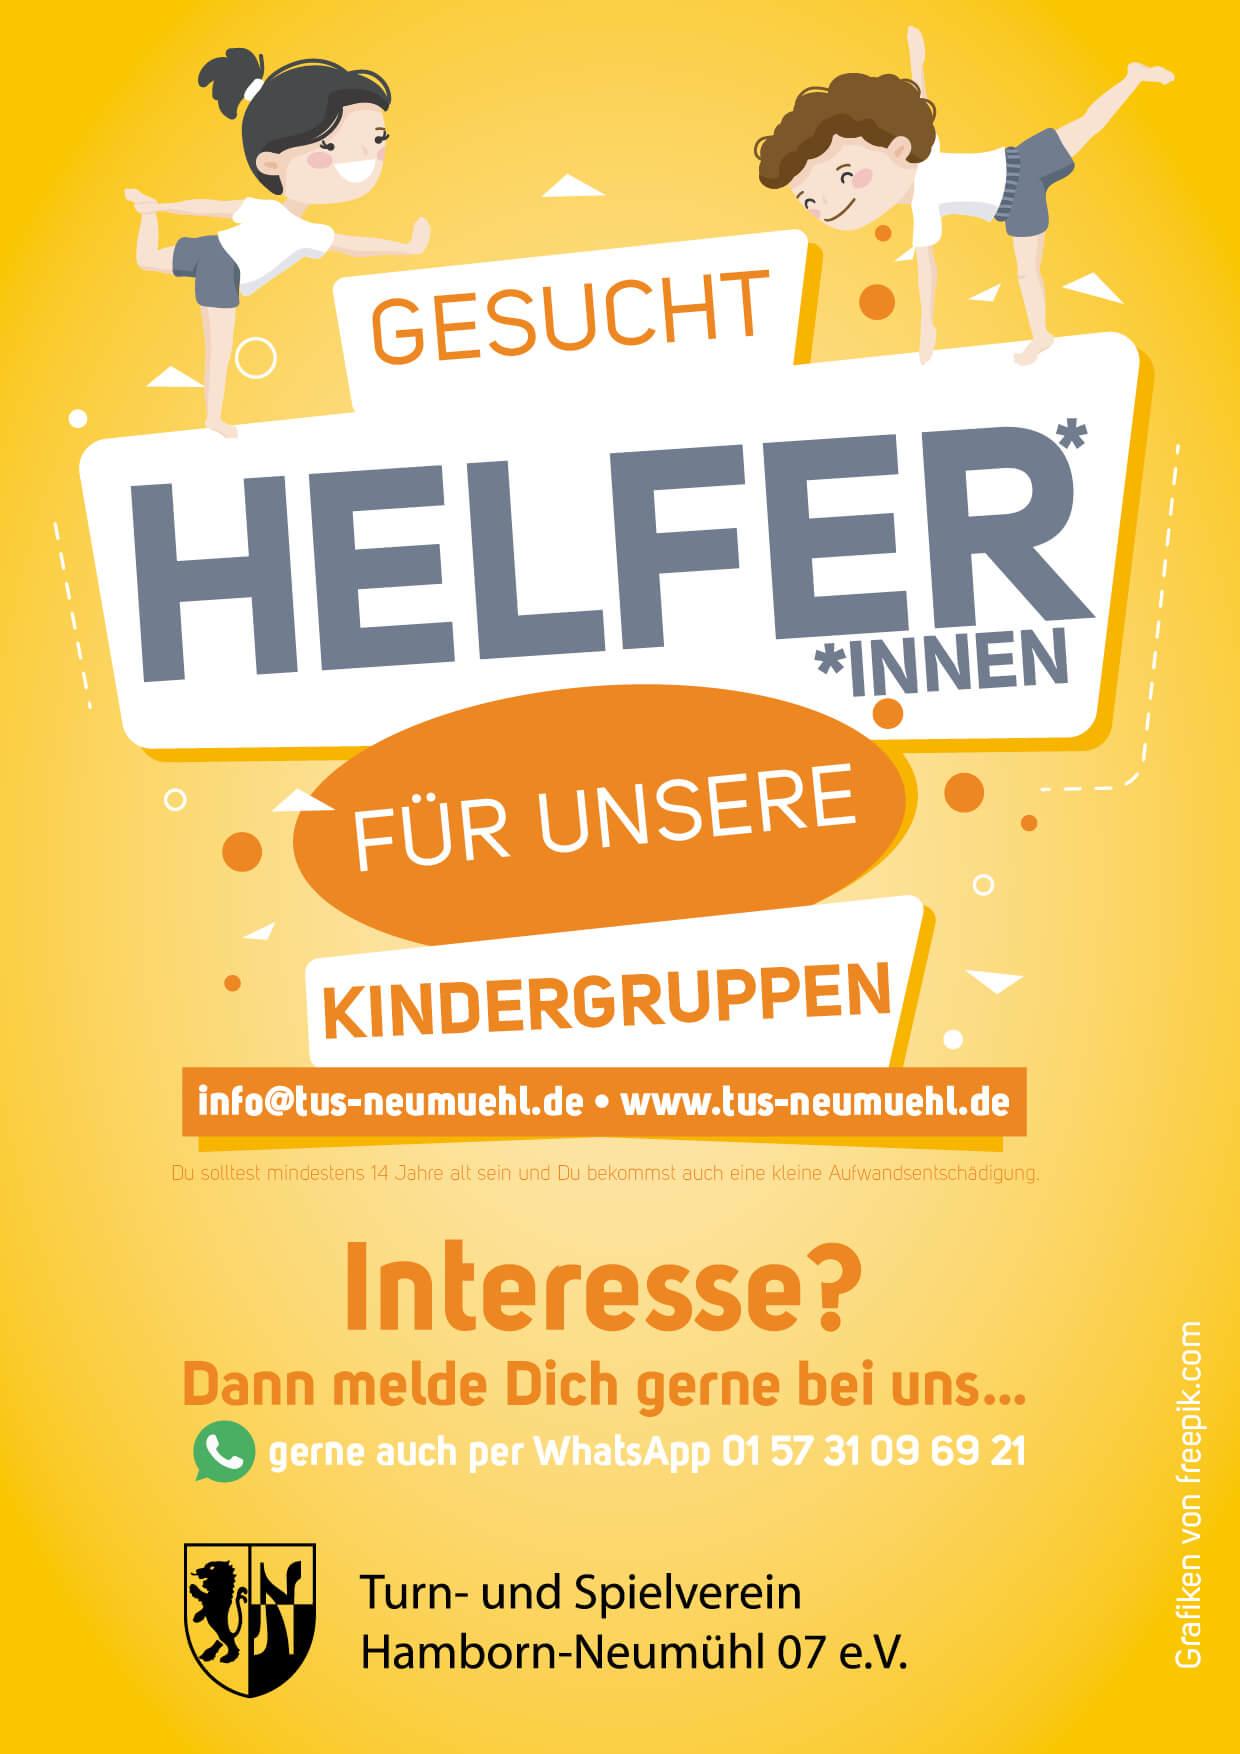 Helfer/innen für unsere Kindergruppen gesucht